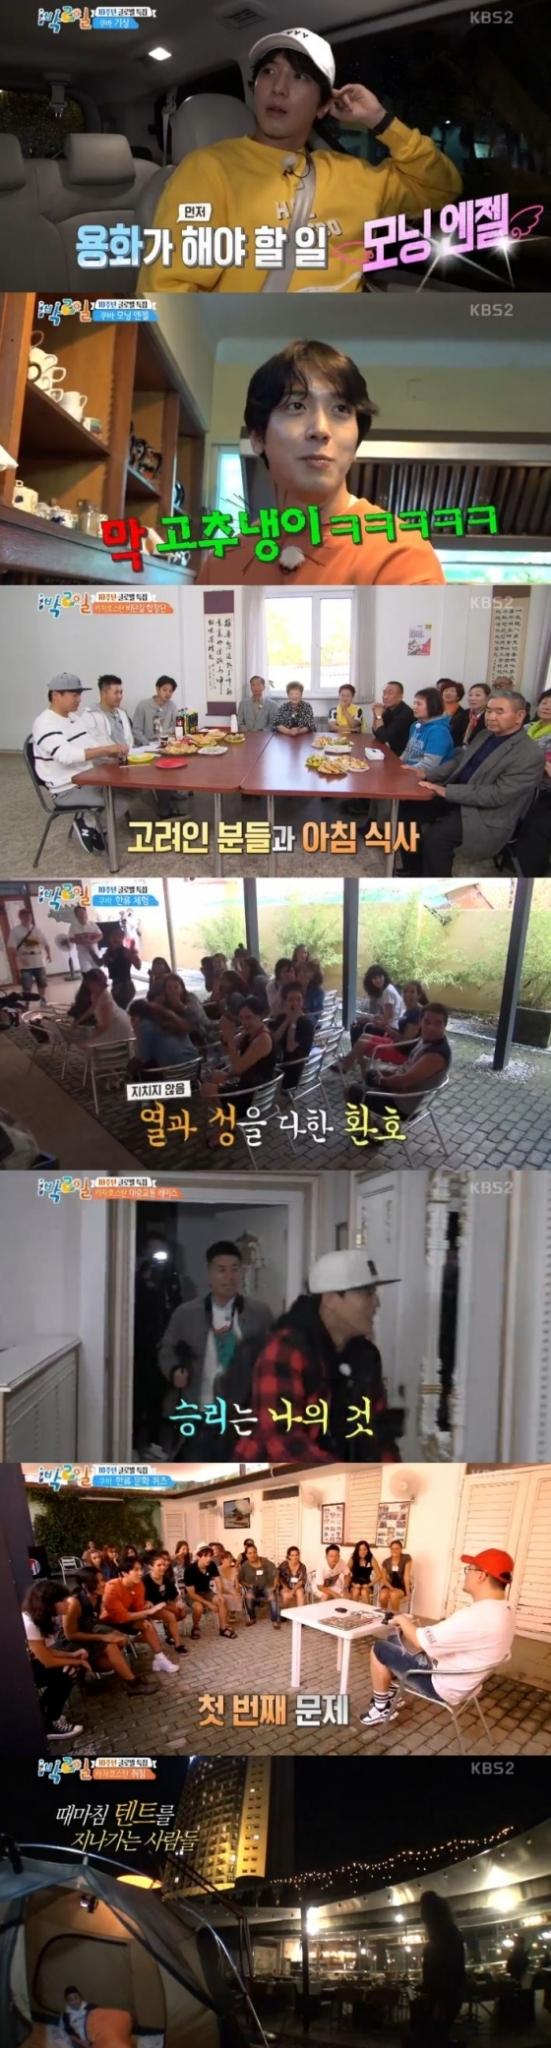 [★밤TView]'1박2일', 쿠바X카자흐스탄 인기몰이..야외취침까지!